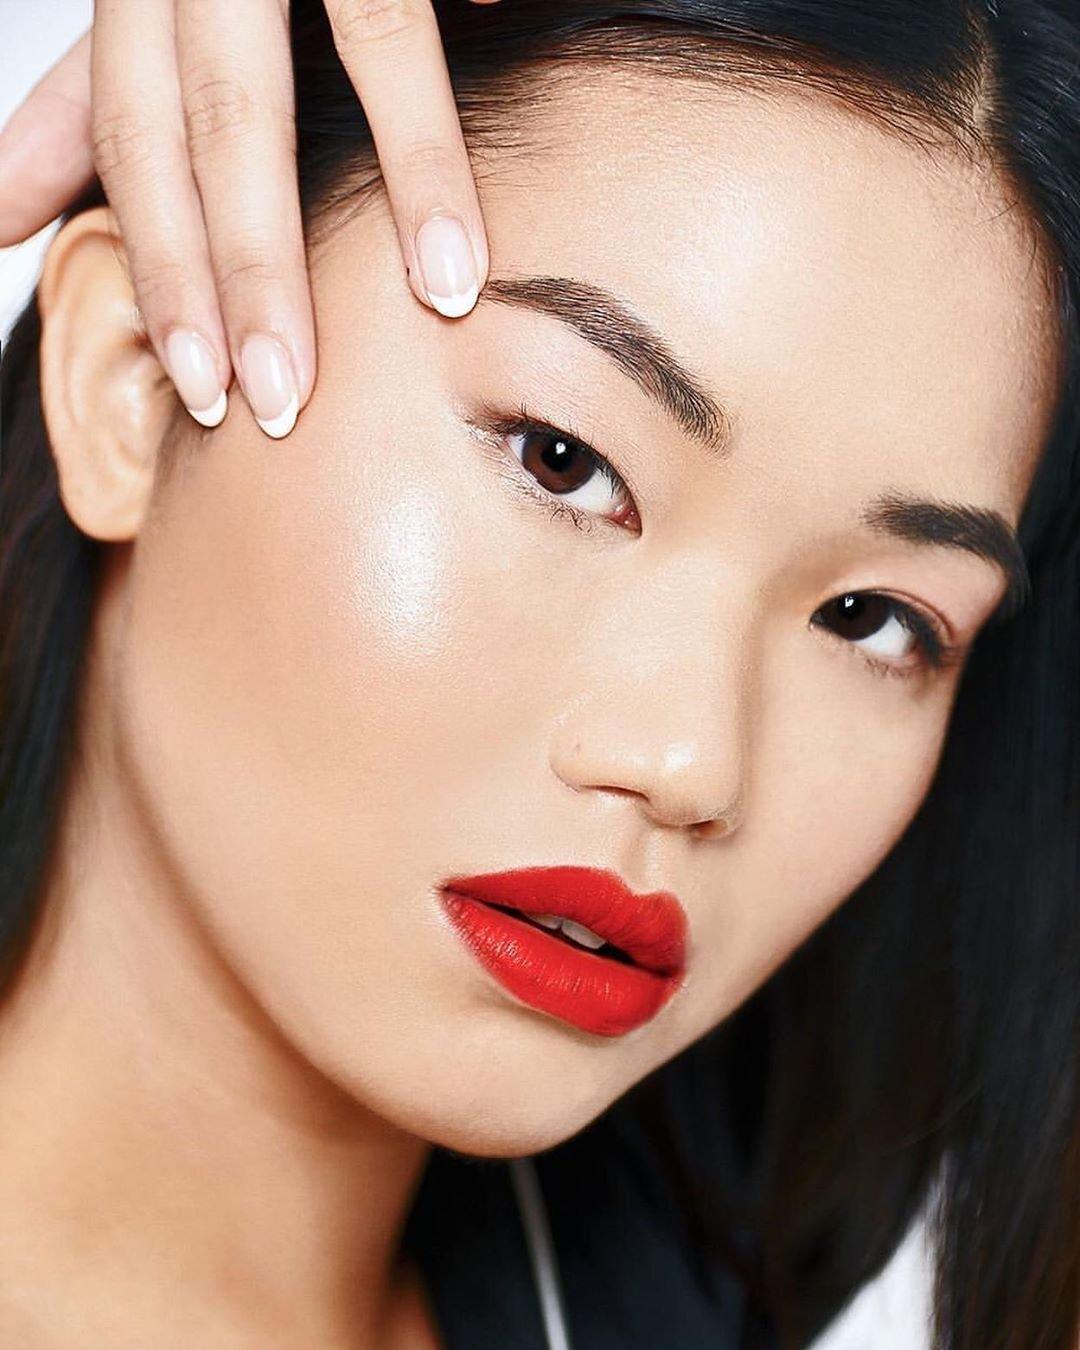 Model Kaily Lau